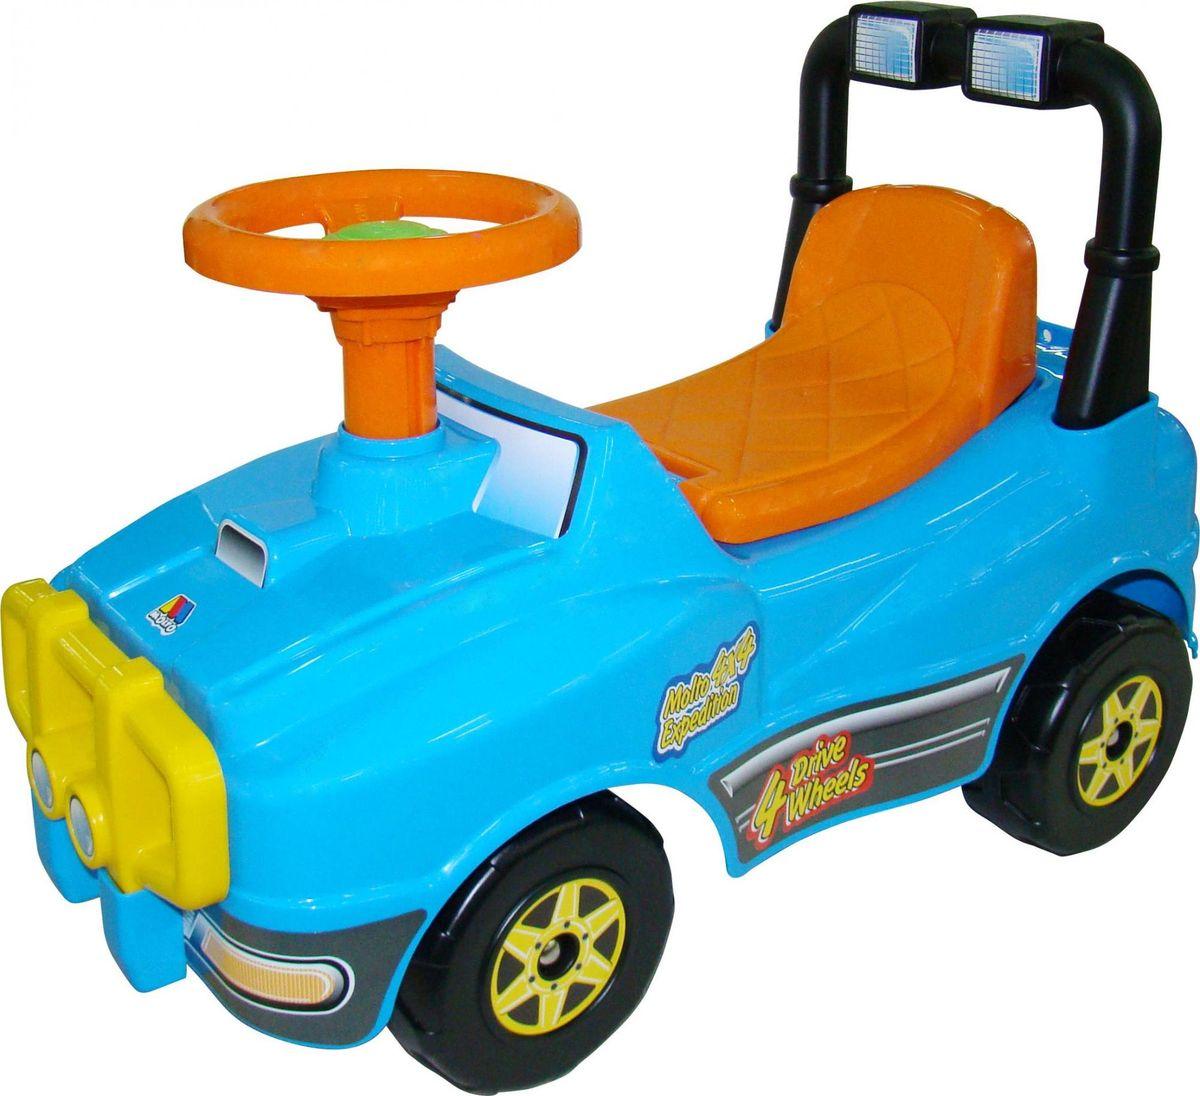 Полесье Джип-каталка цвет голубой полесье каталка пикап с ручкой 2 цвет желтый